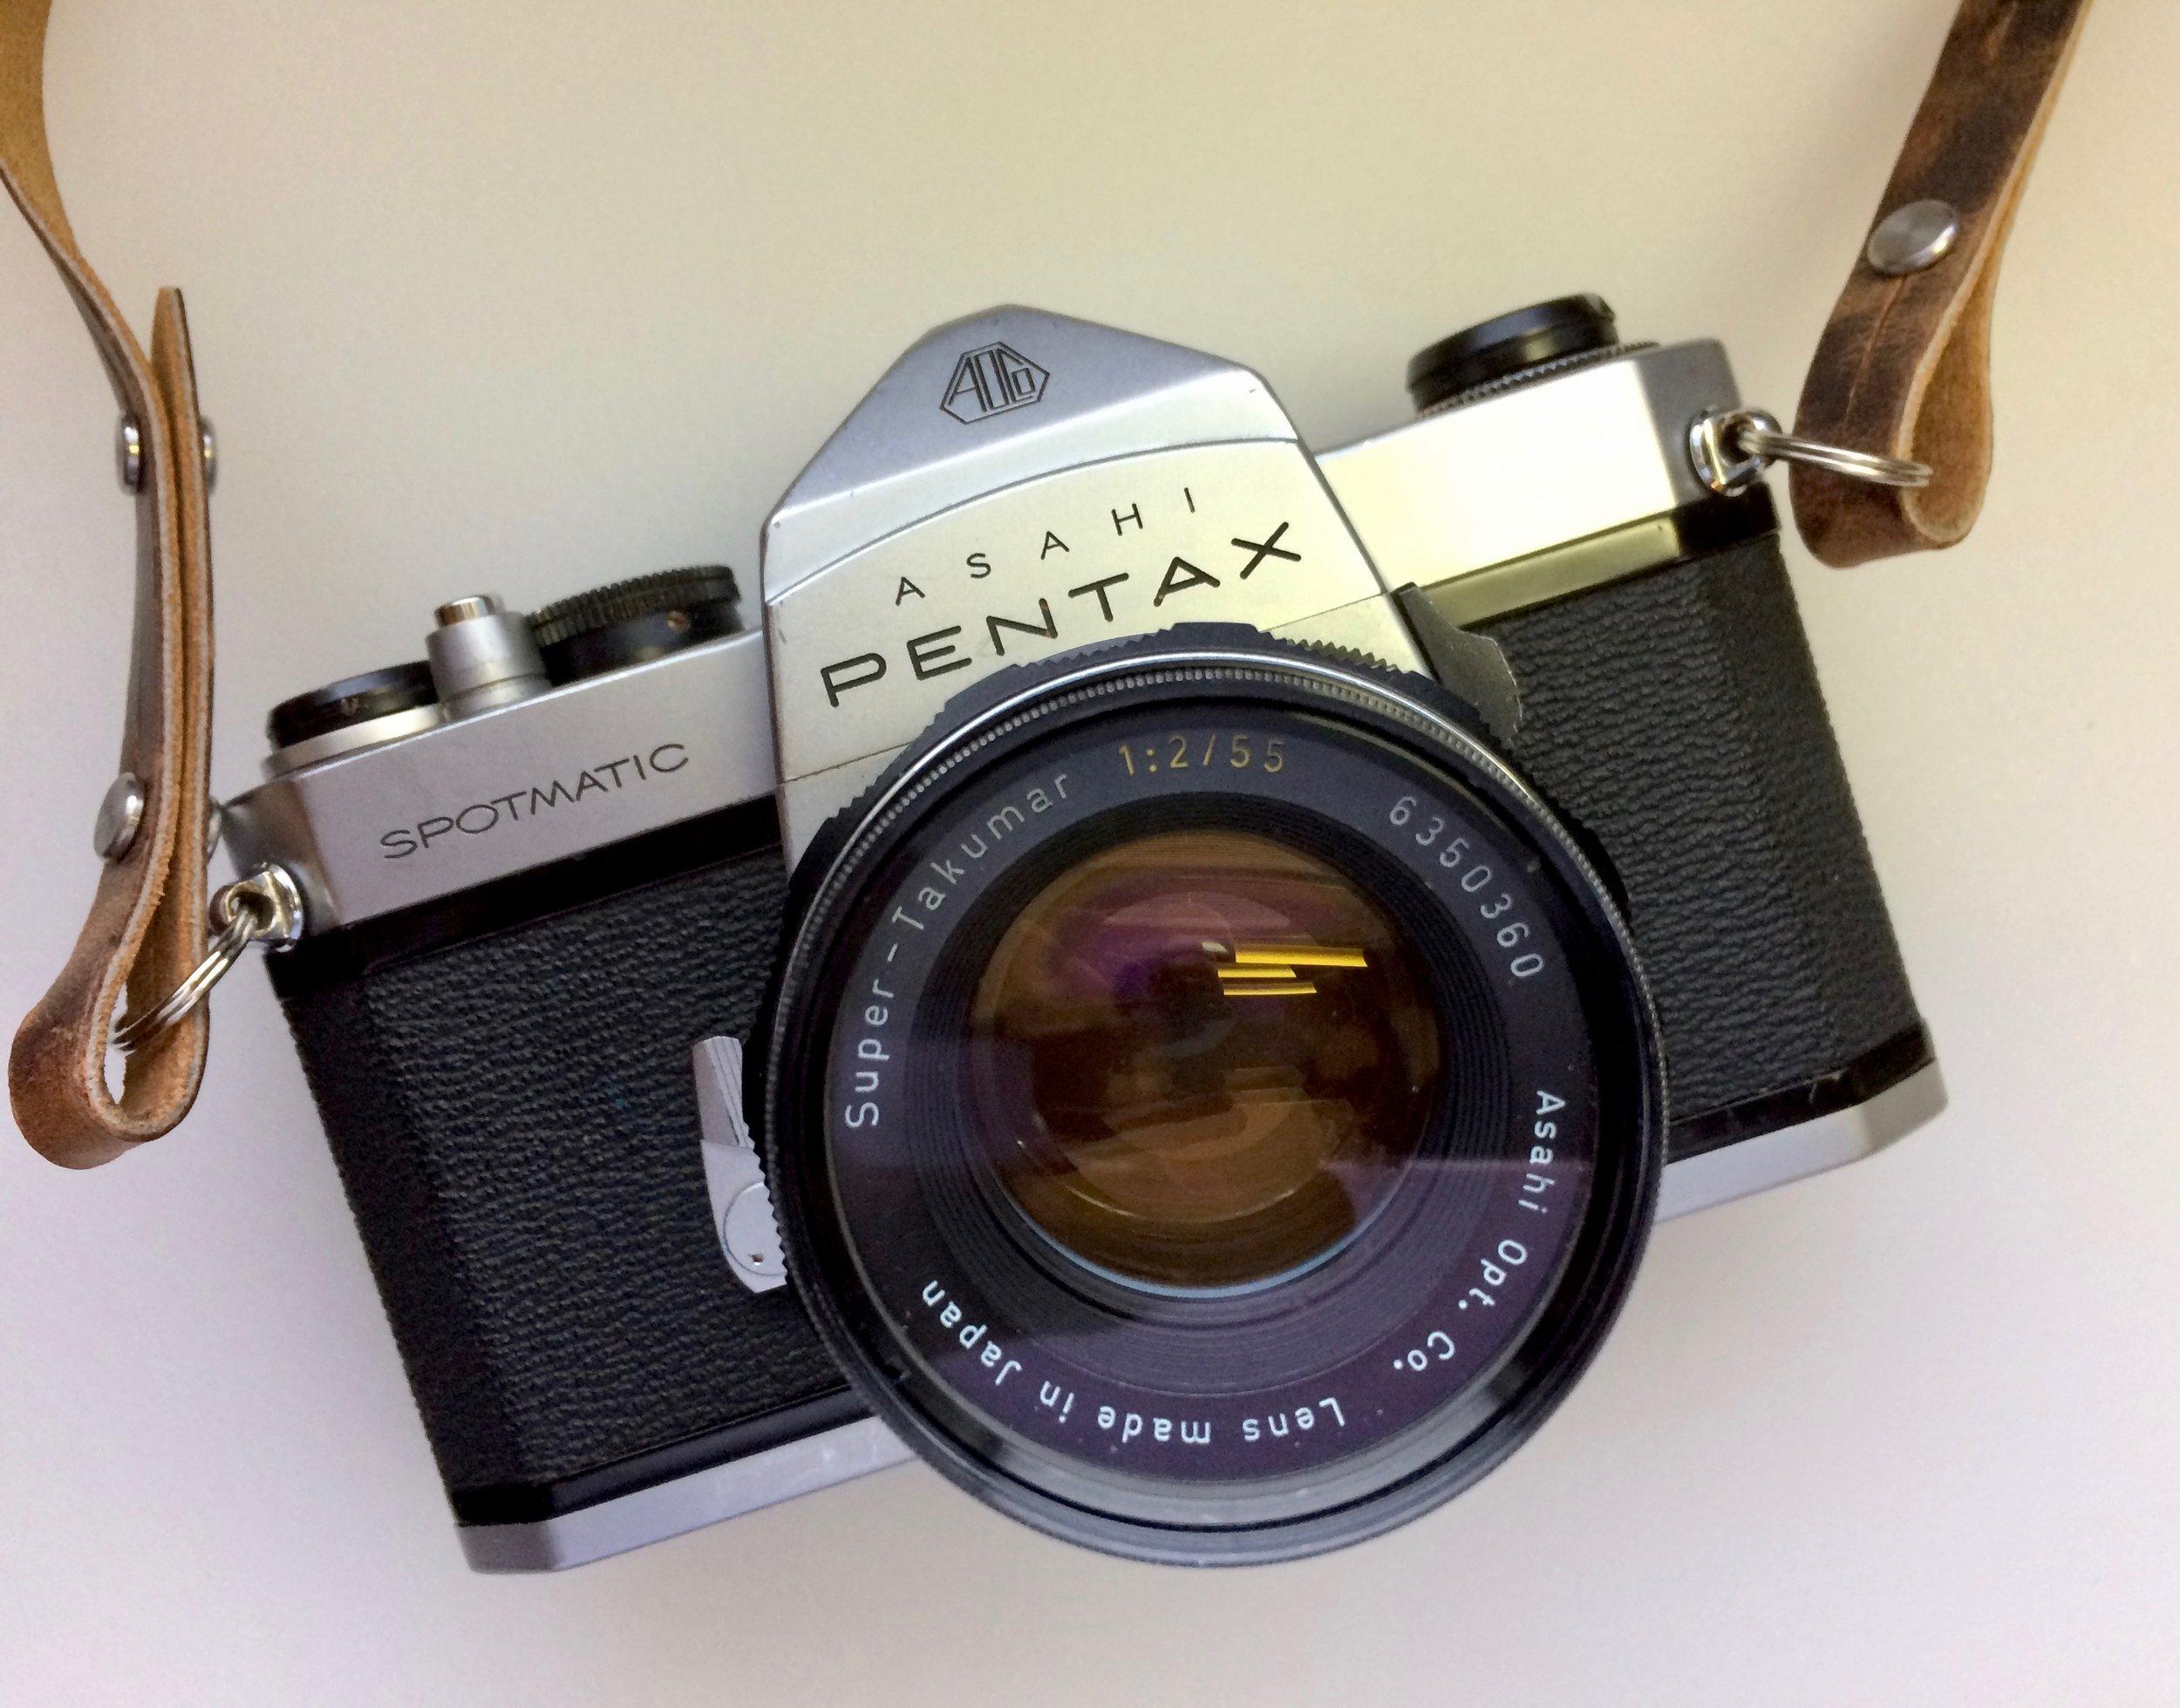 Pentax Spotmatic SP with 55mm f/2 Super Takumar